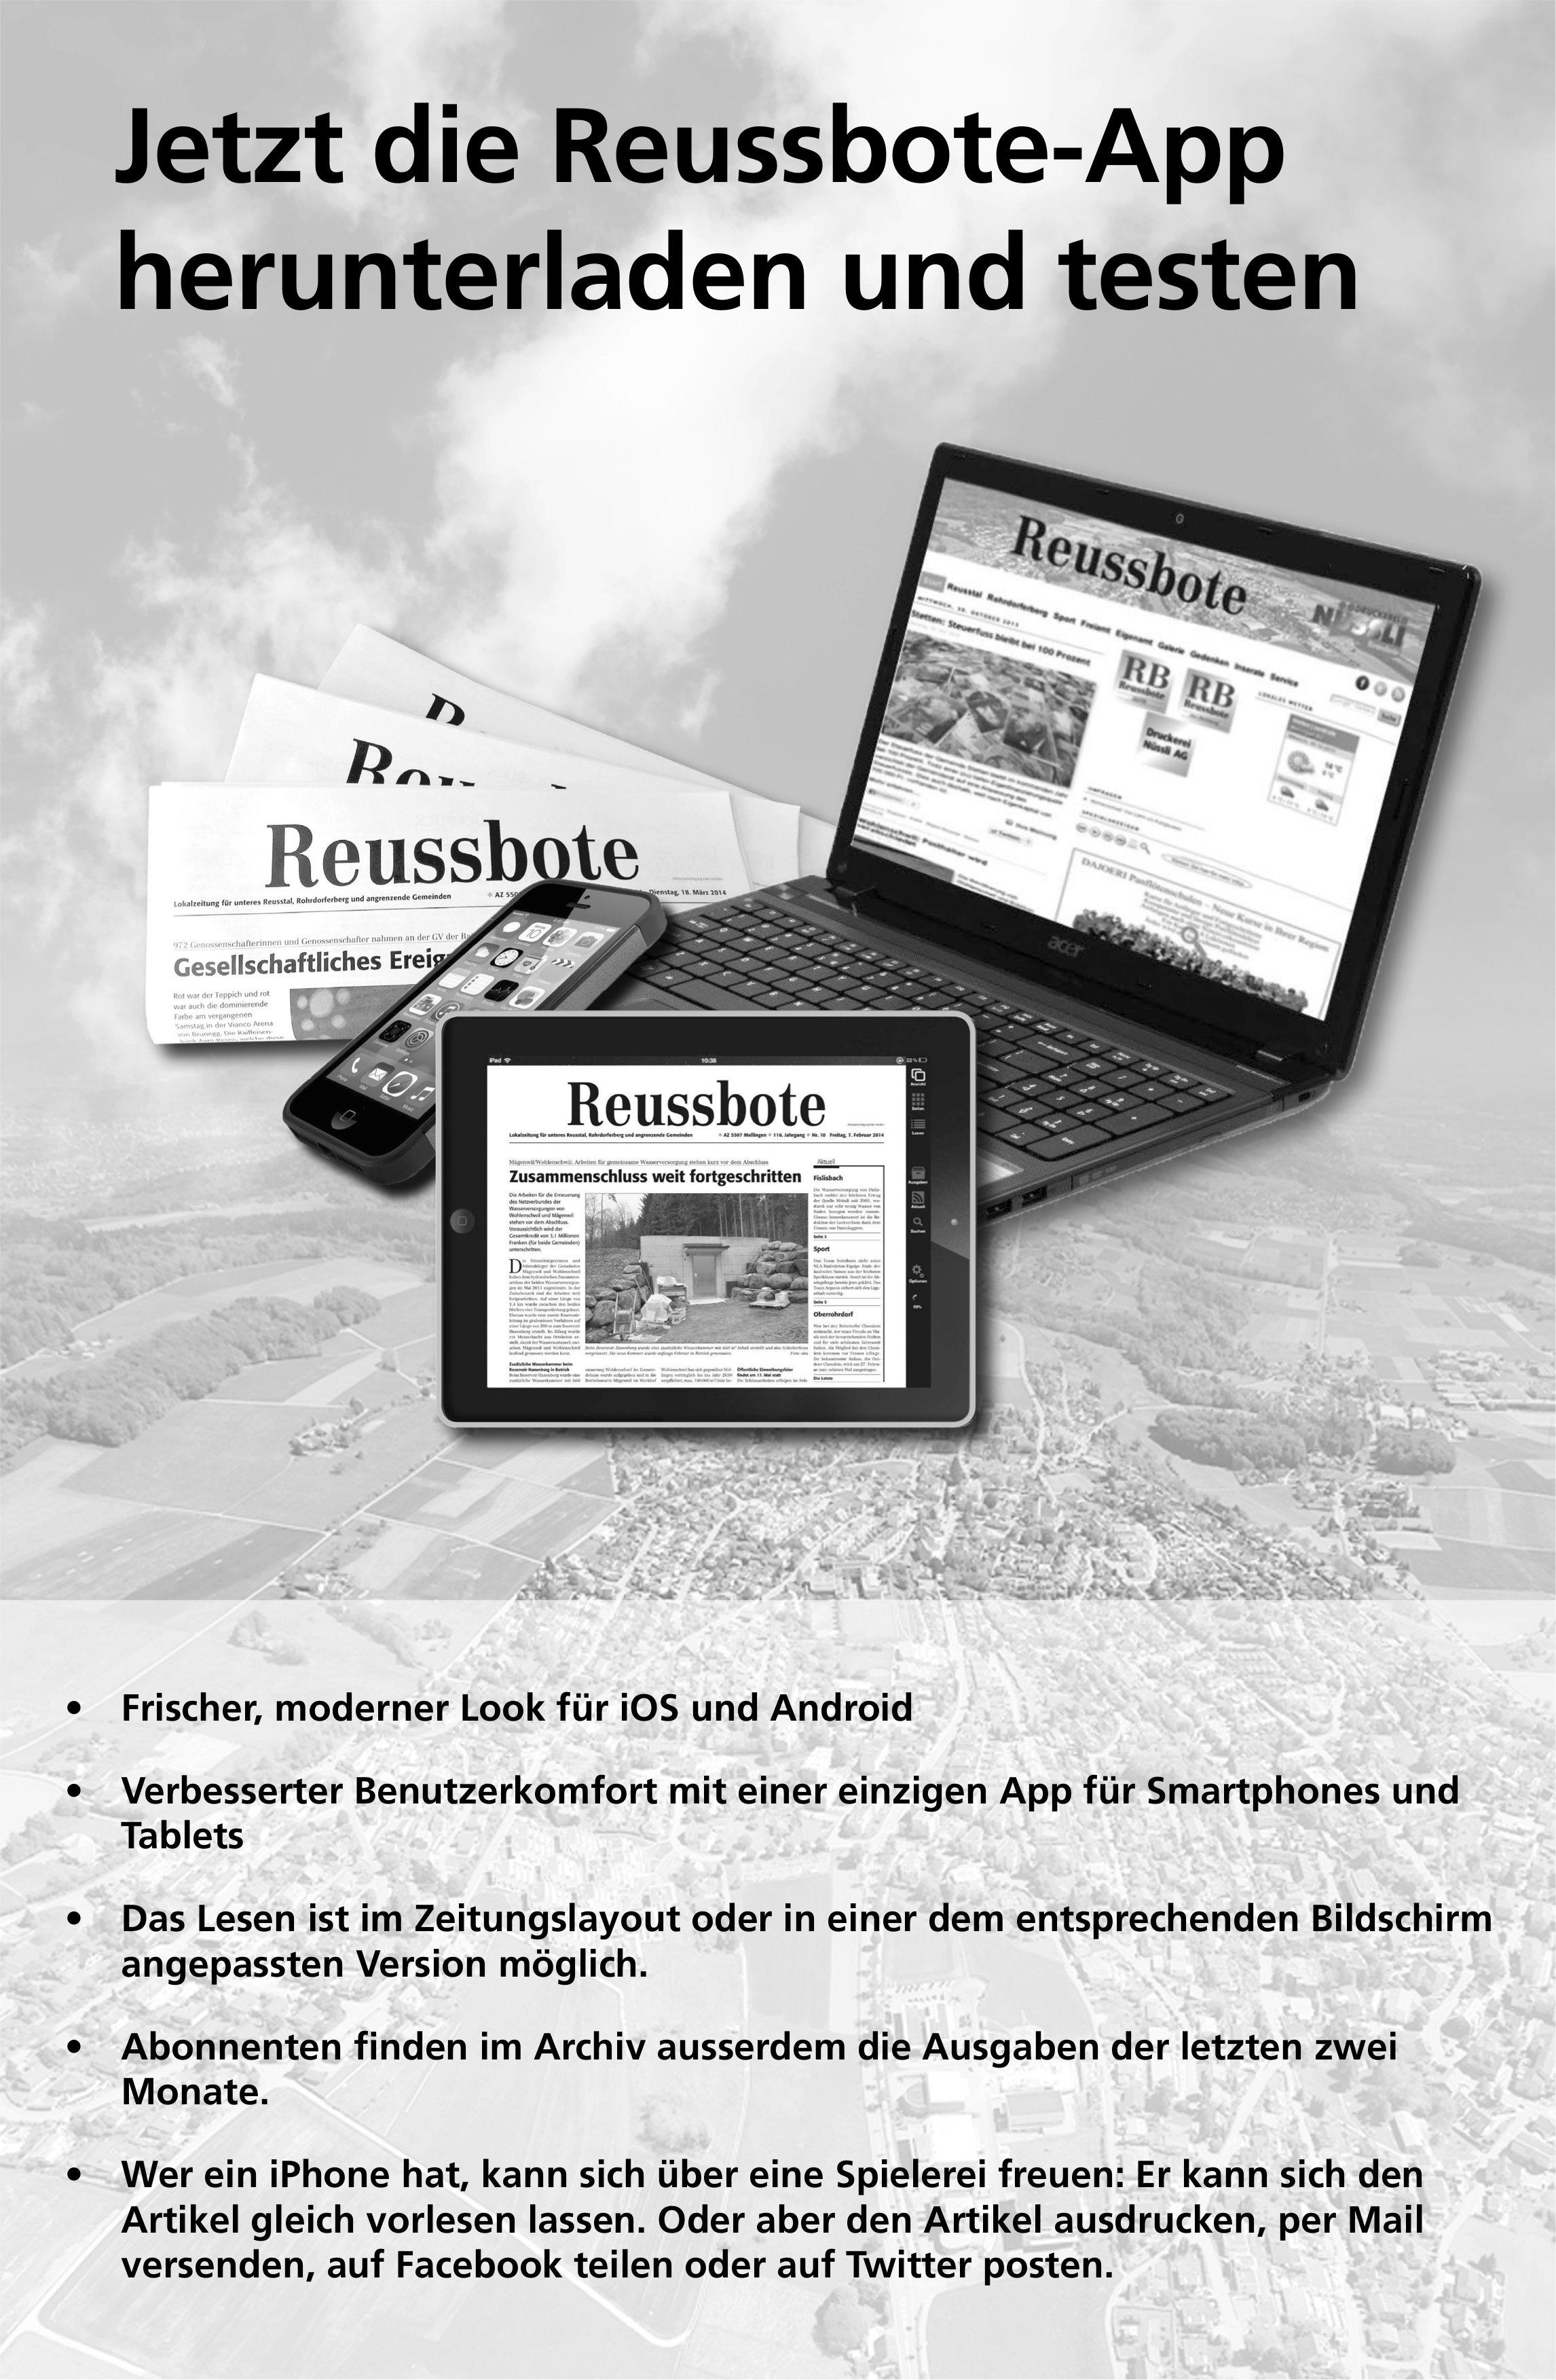 Jetzt die Reussbote-App herunterladen und testen